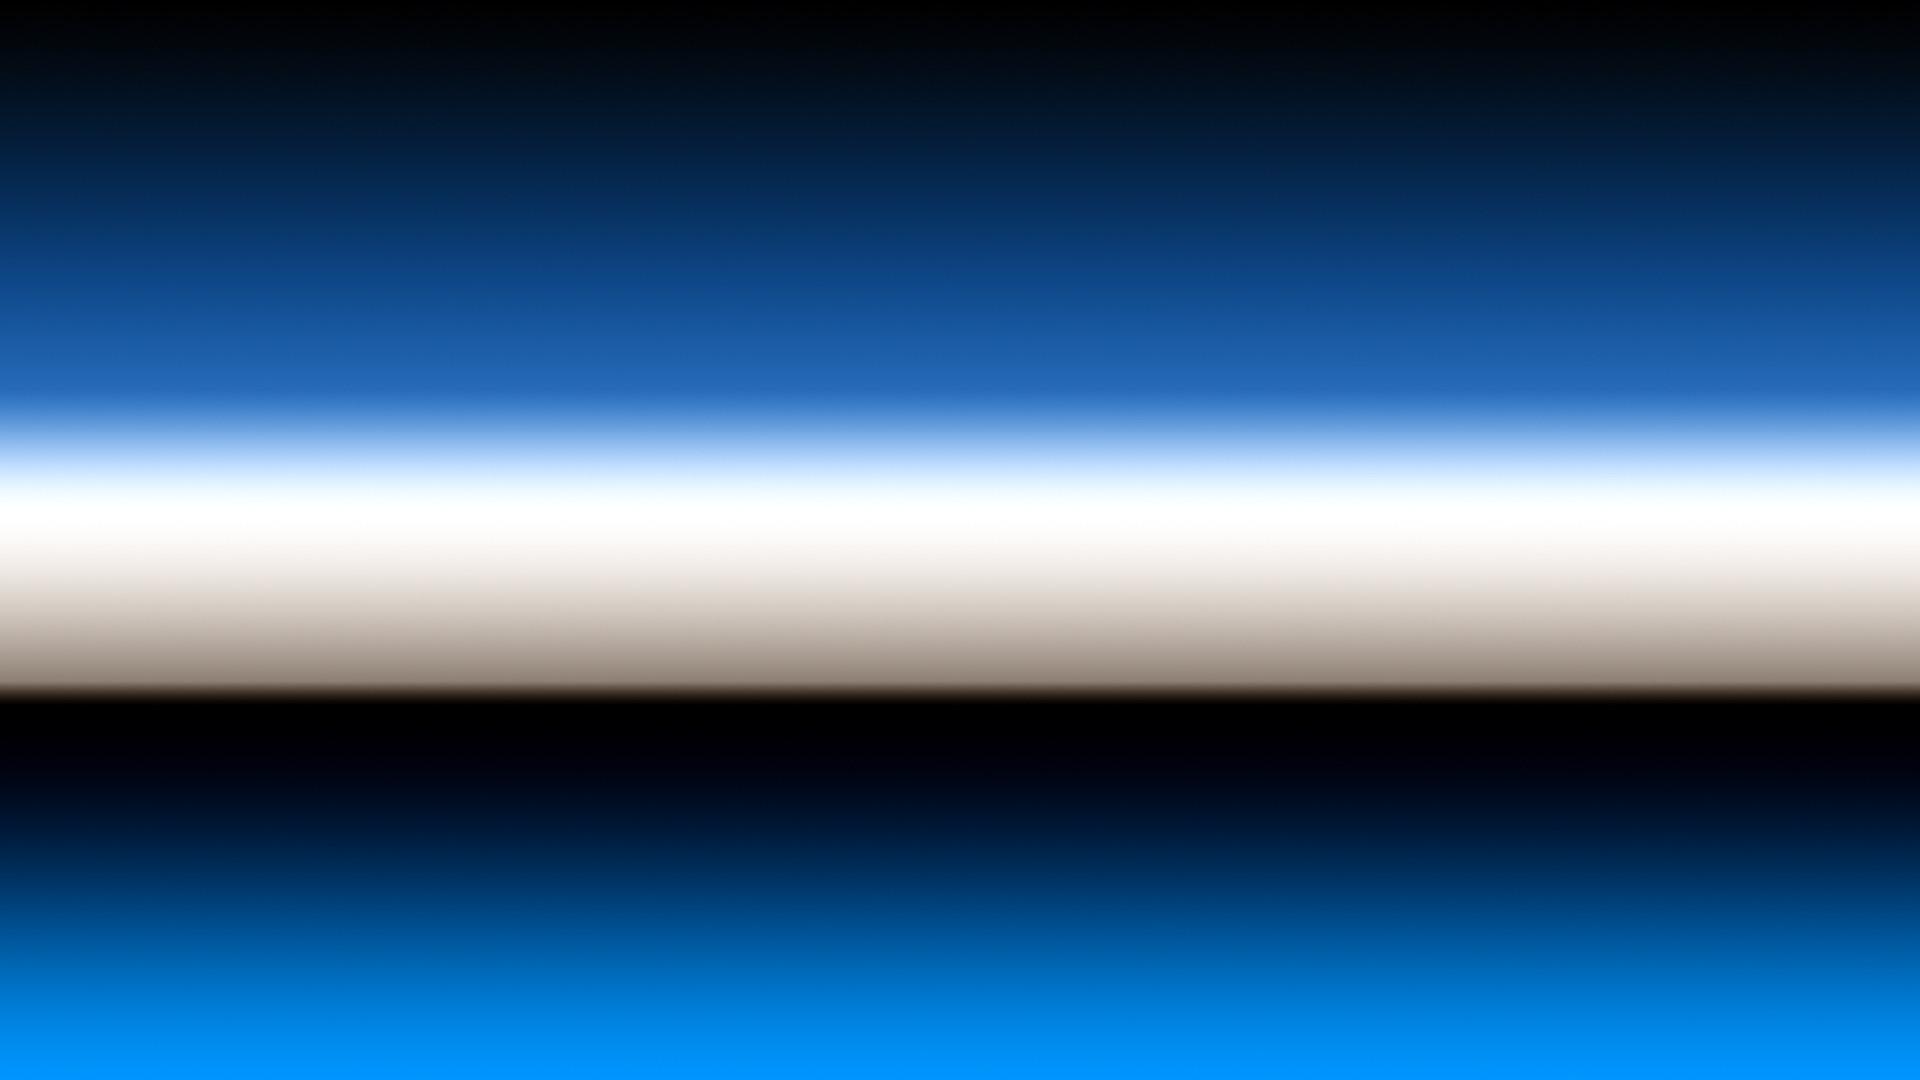 blue-white-black-gradient-desktop-wallpaper-background | VizTV Media